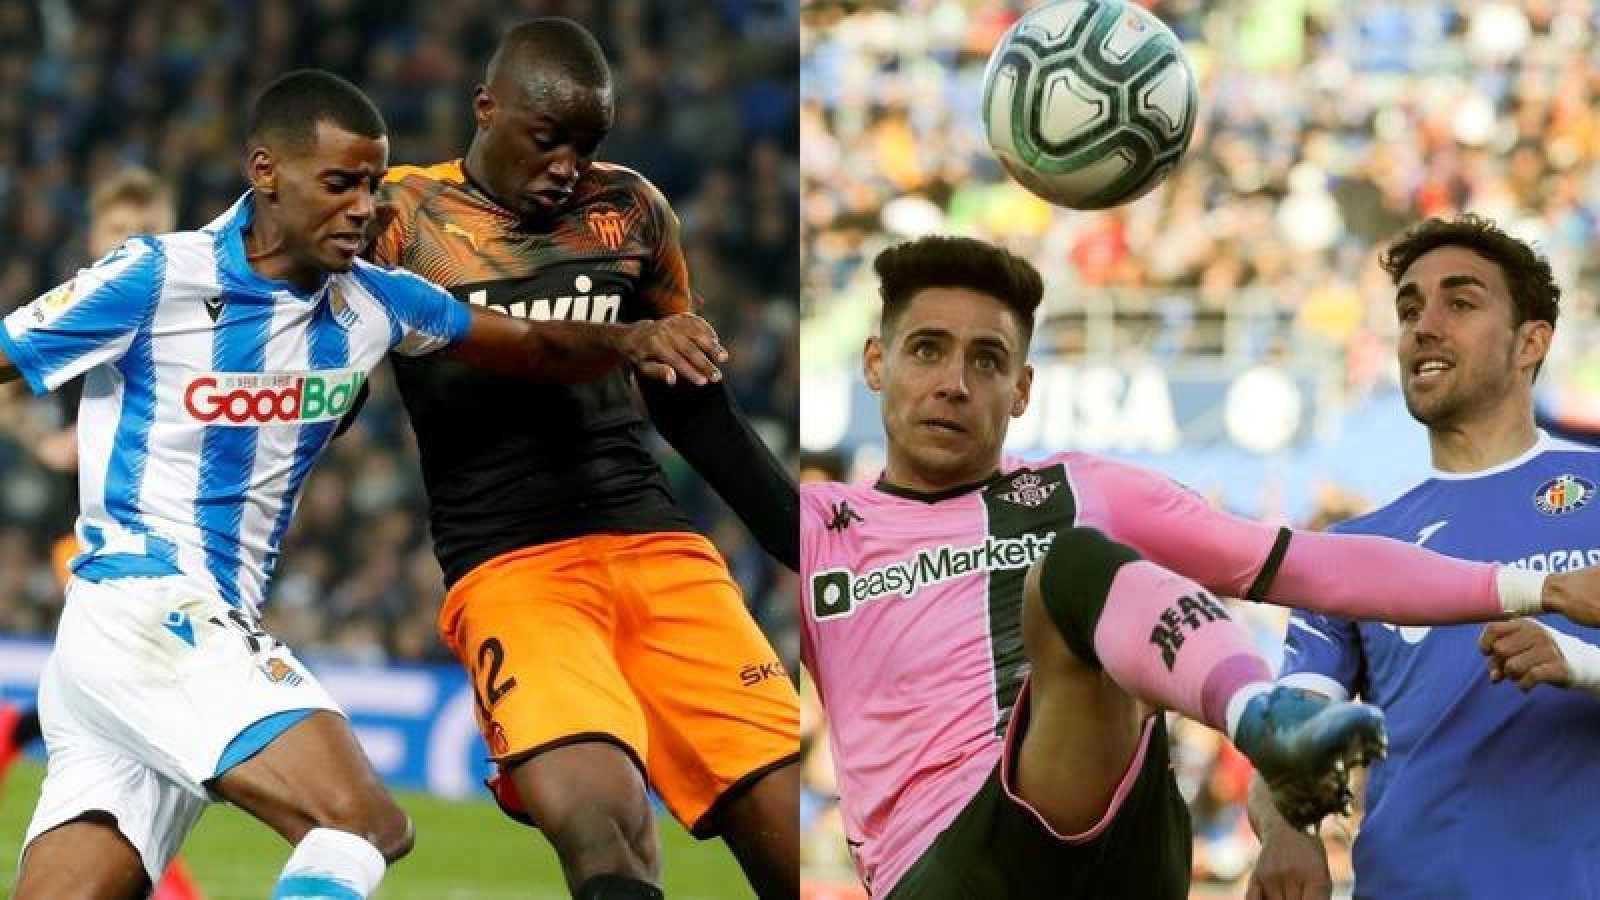 Imagen de los encuentros Real Sociedad-Valencia y Getafe-Betis de la pasada Liga.